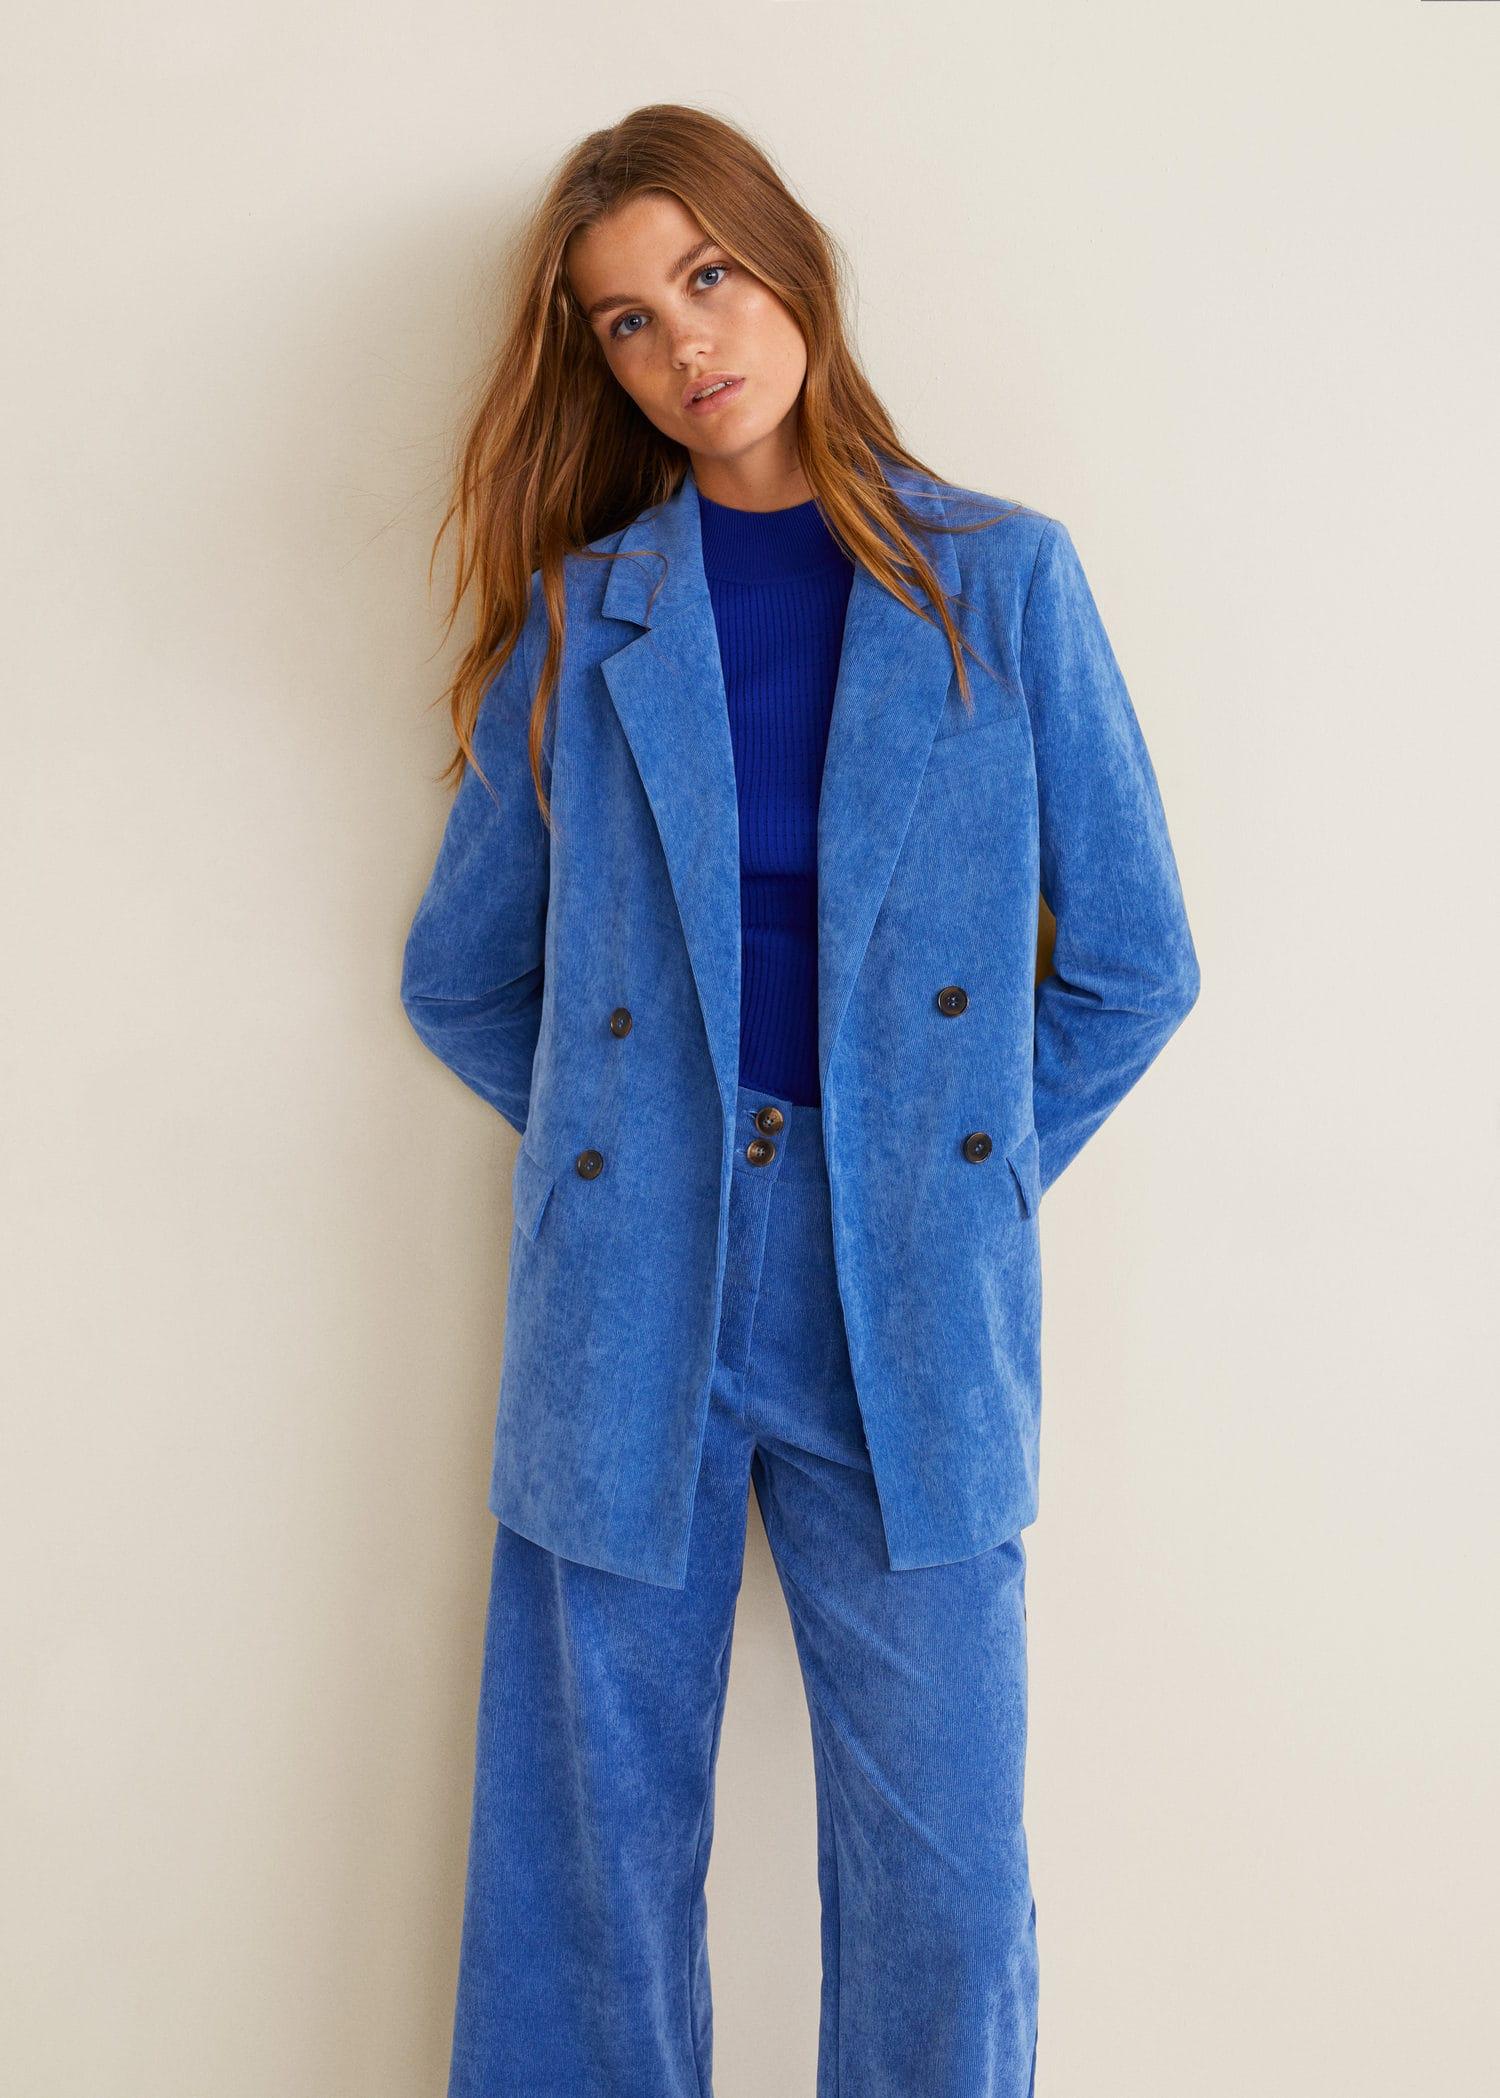 Chaquetas mujer azul electrico